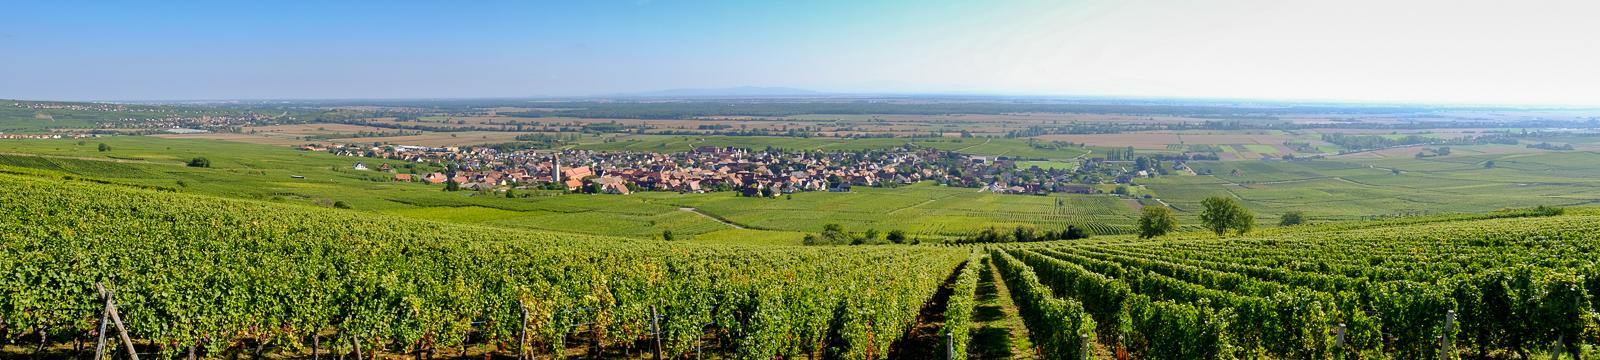 Dag03-Alsace-047-DSCF1237